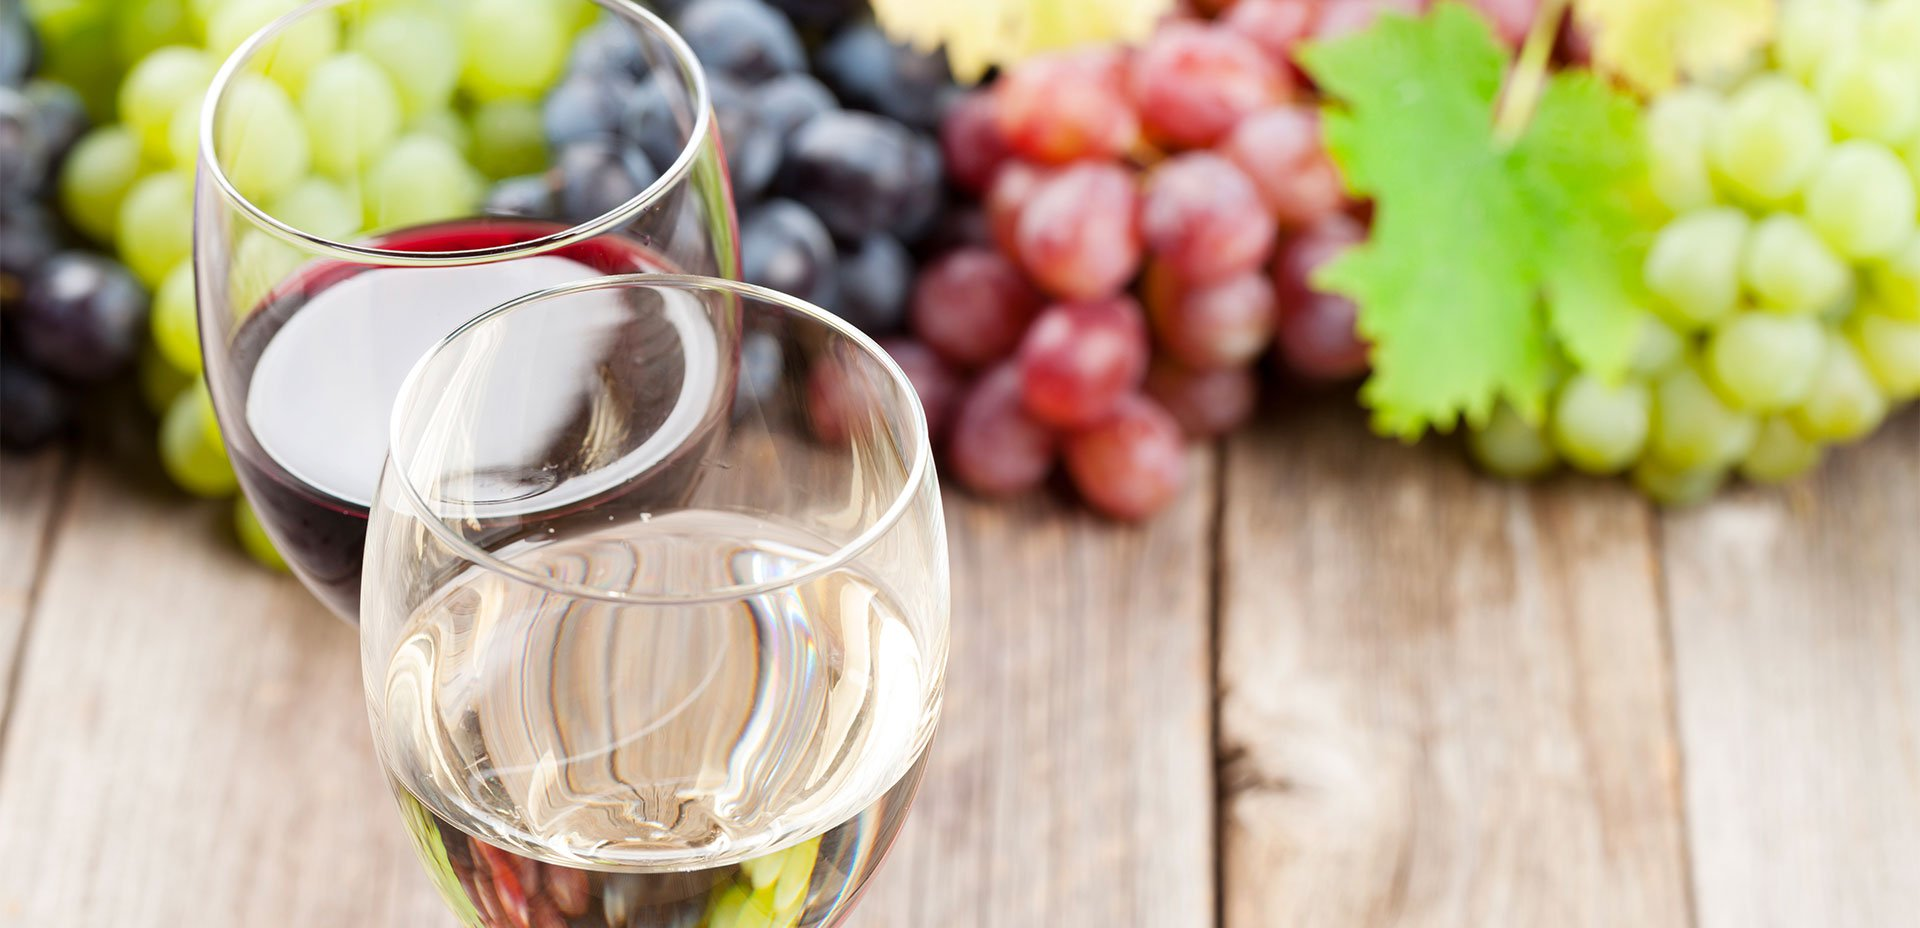 Come conservare il vino albicchiere